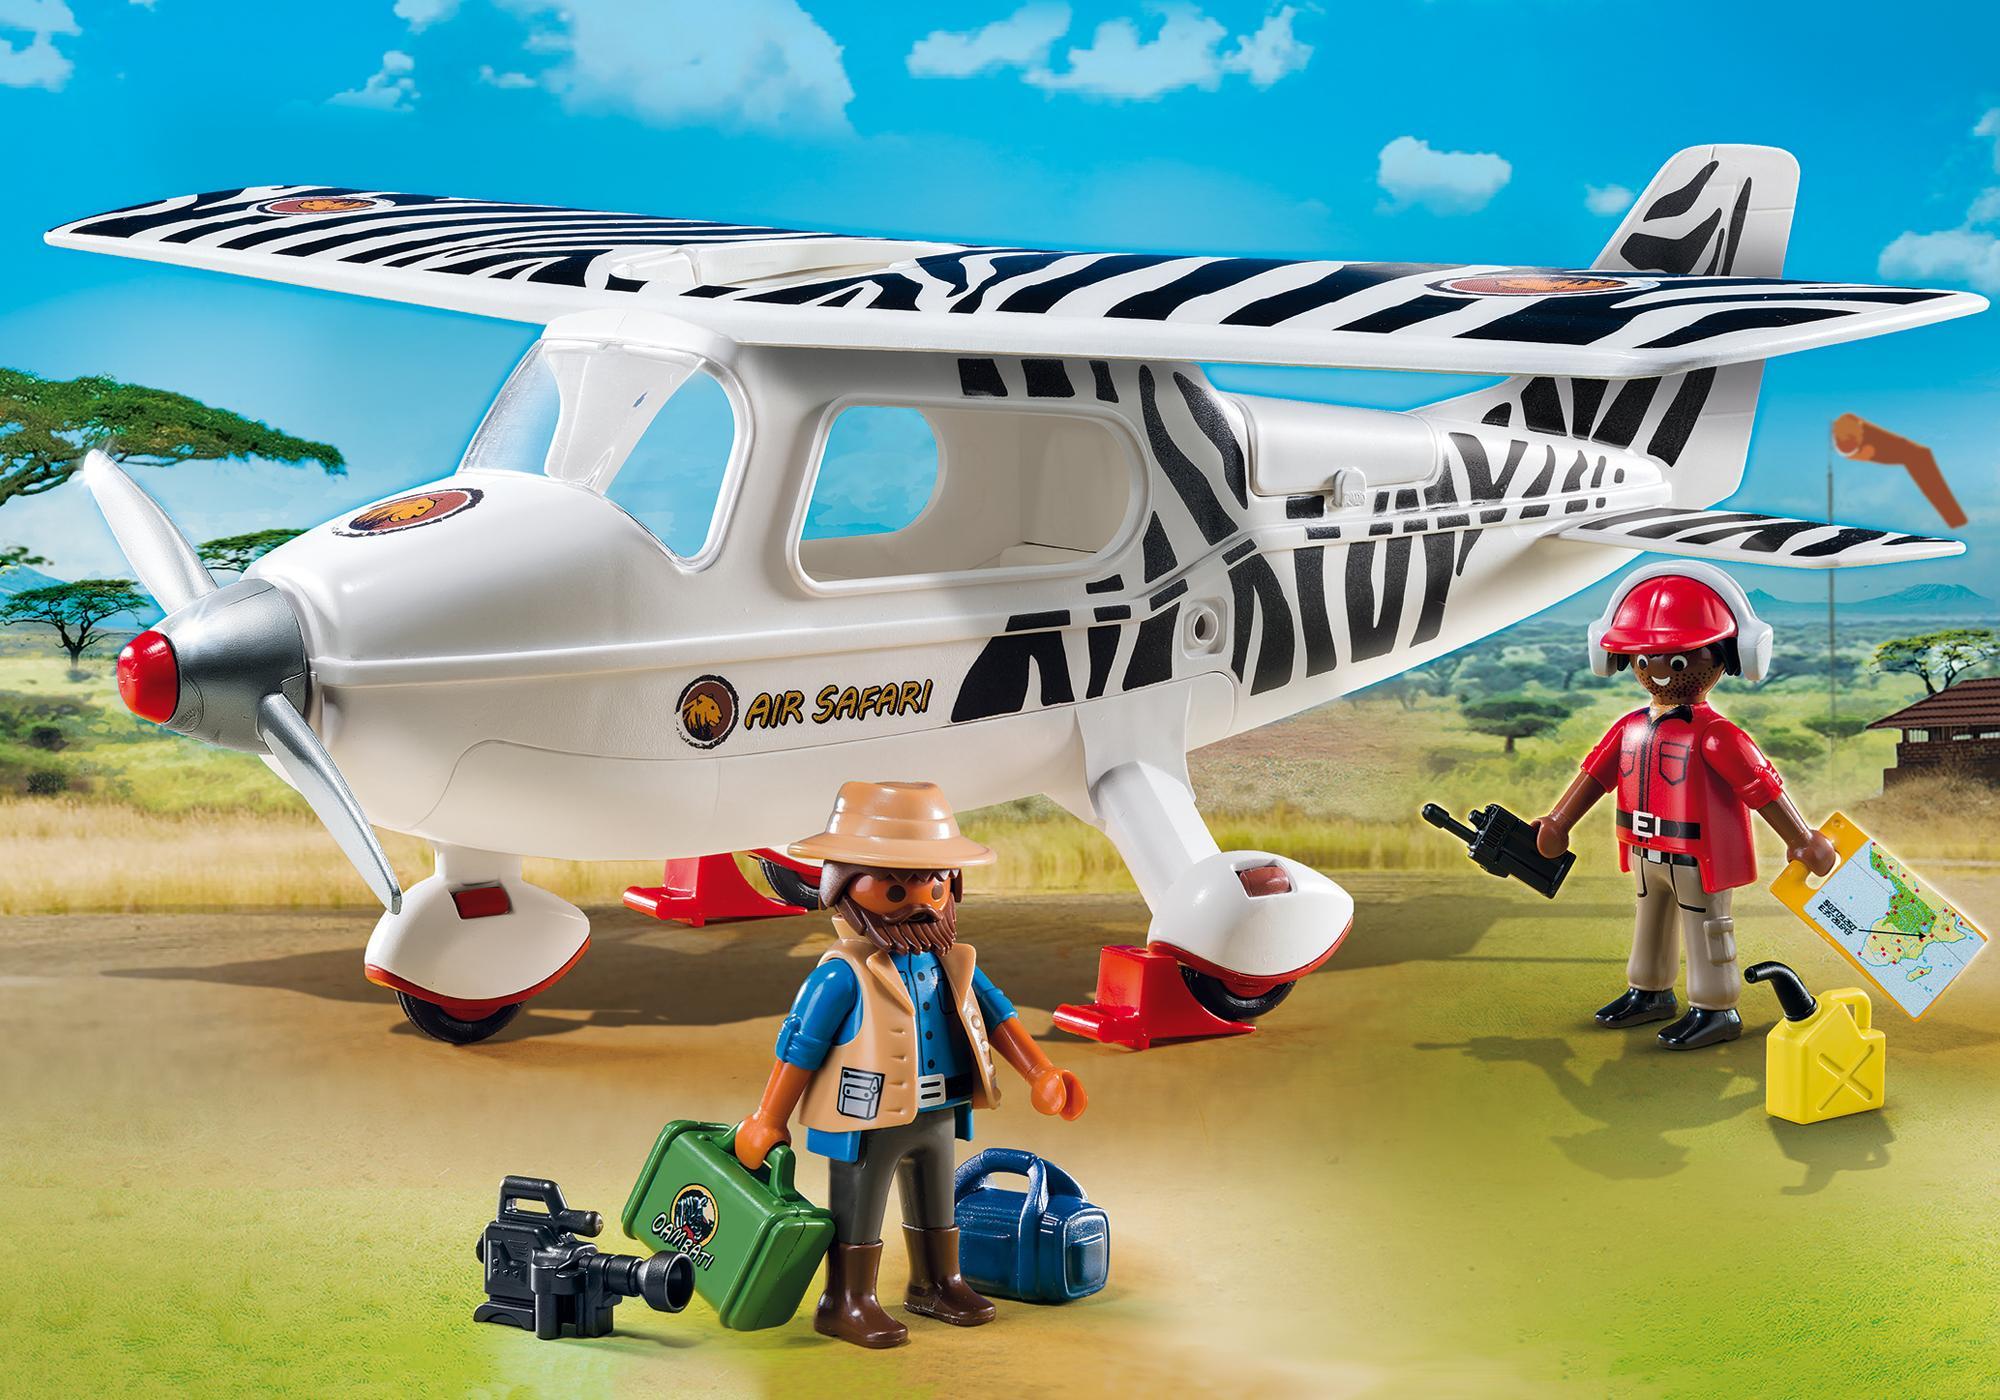 http://media.playmobil.com/i/playmobil/6938_product_detail/Samolot safari